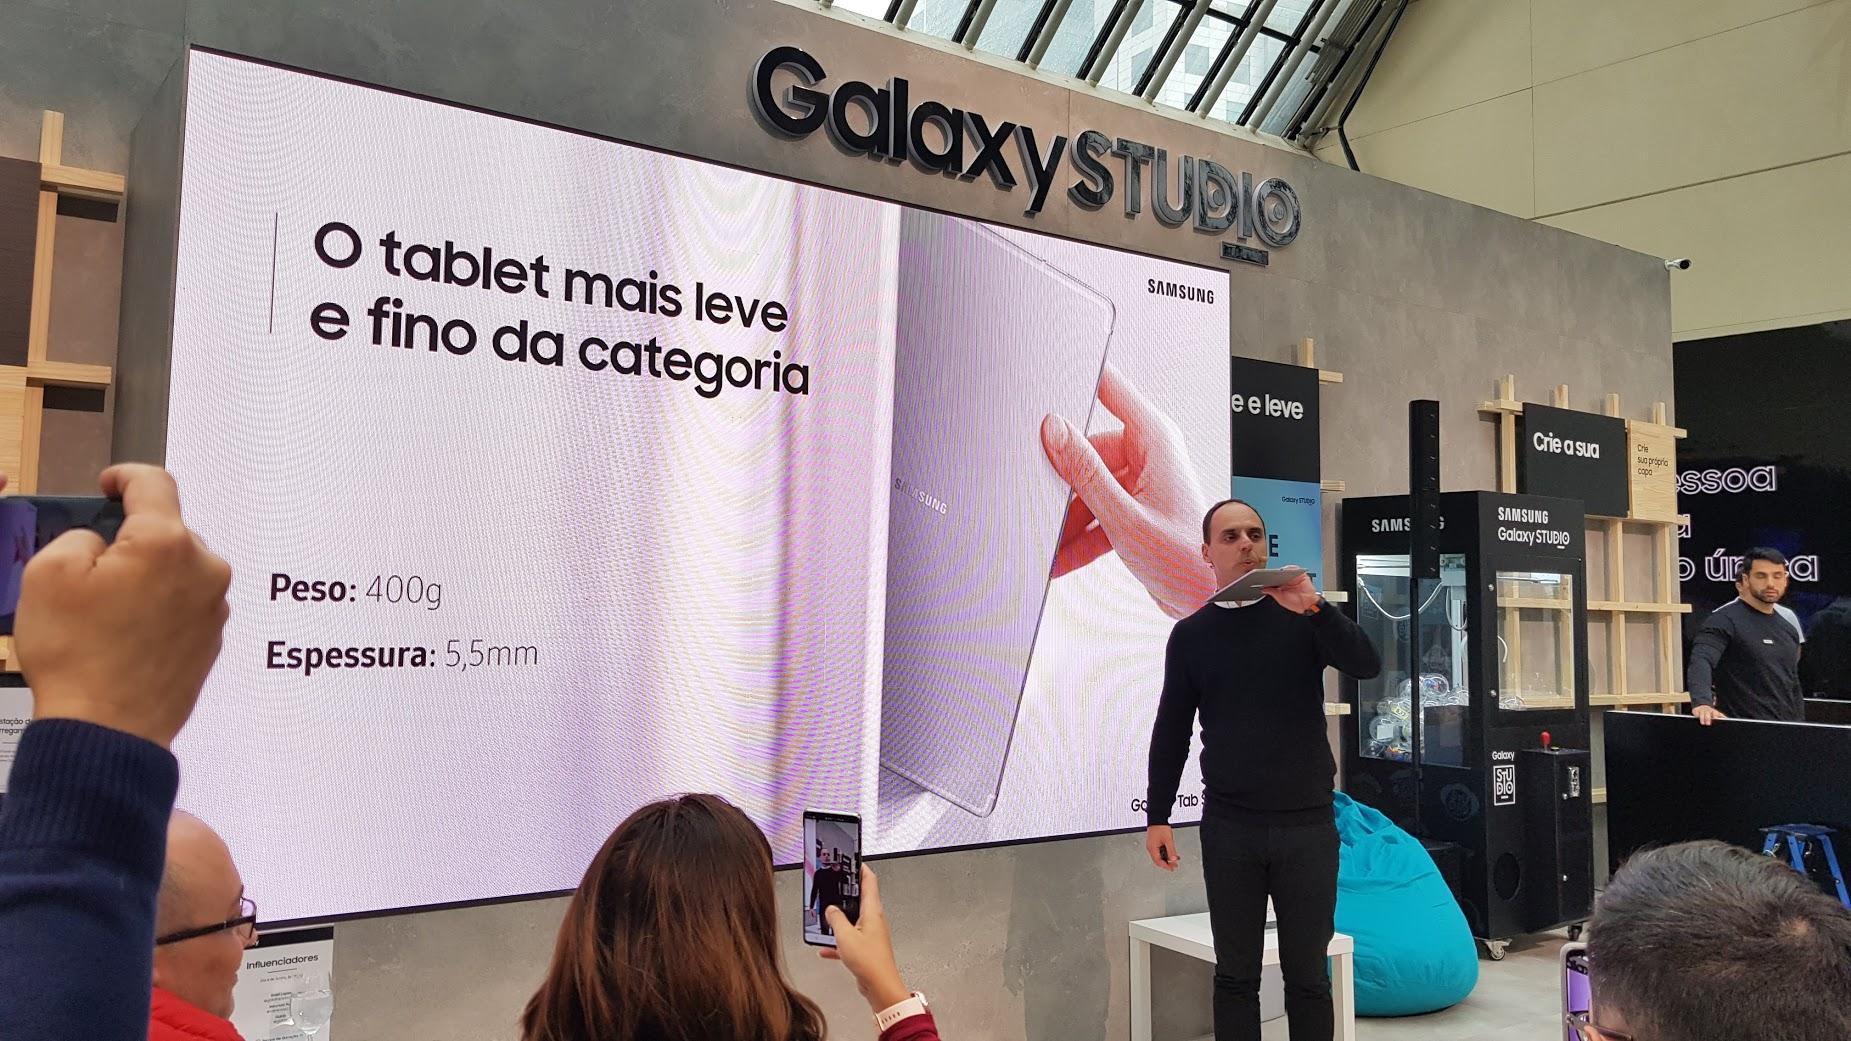 Nova linha de tablets da Samsung chegam ao Brasil e destacam-se pela espessura dos aparelhos